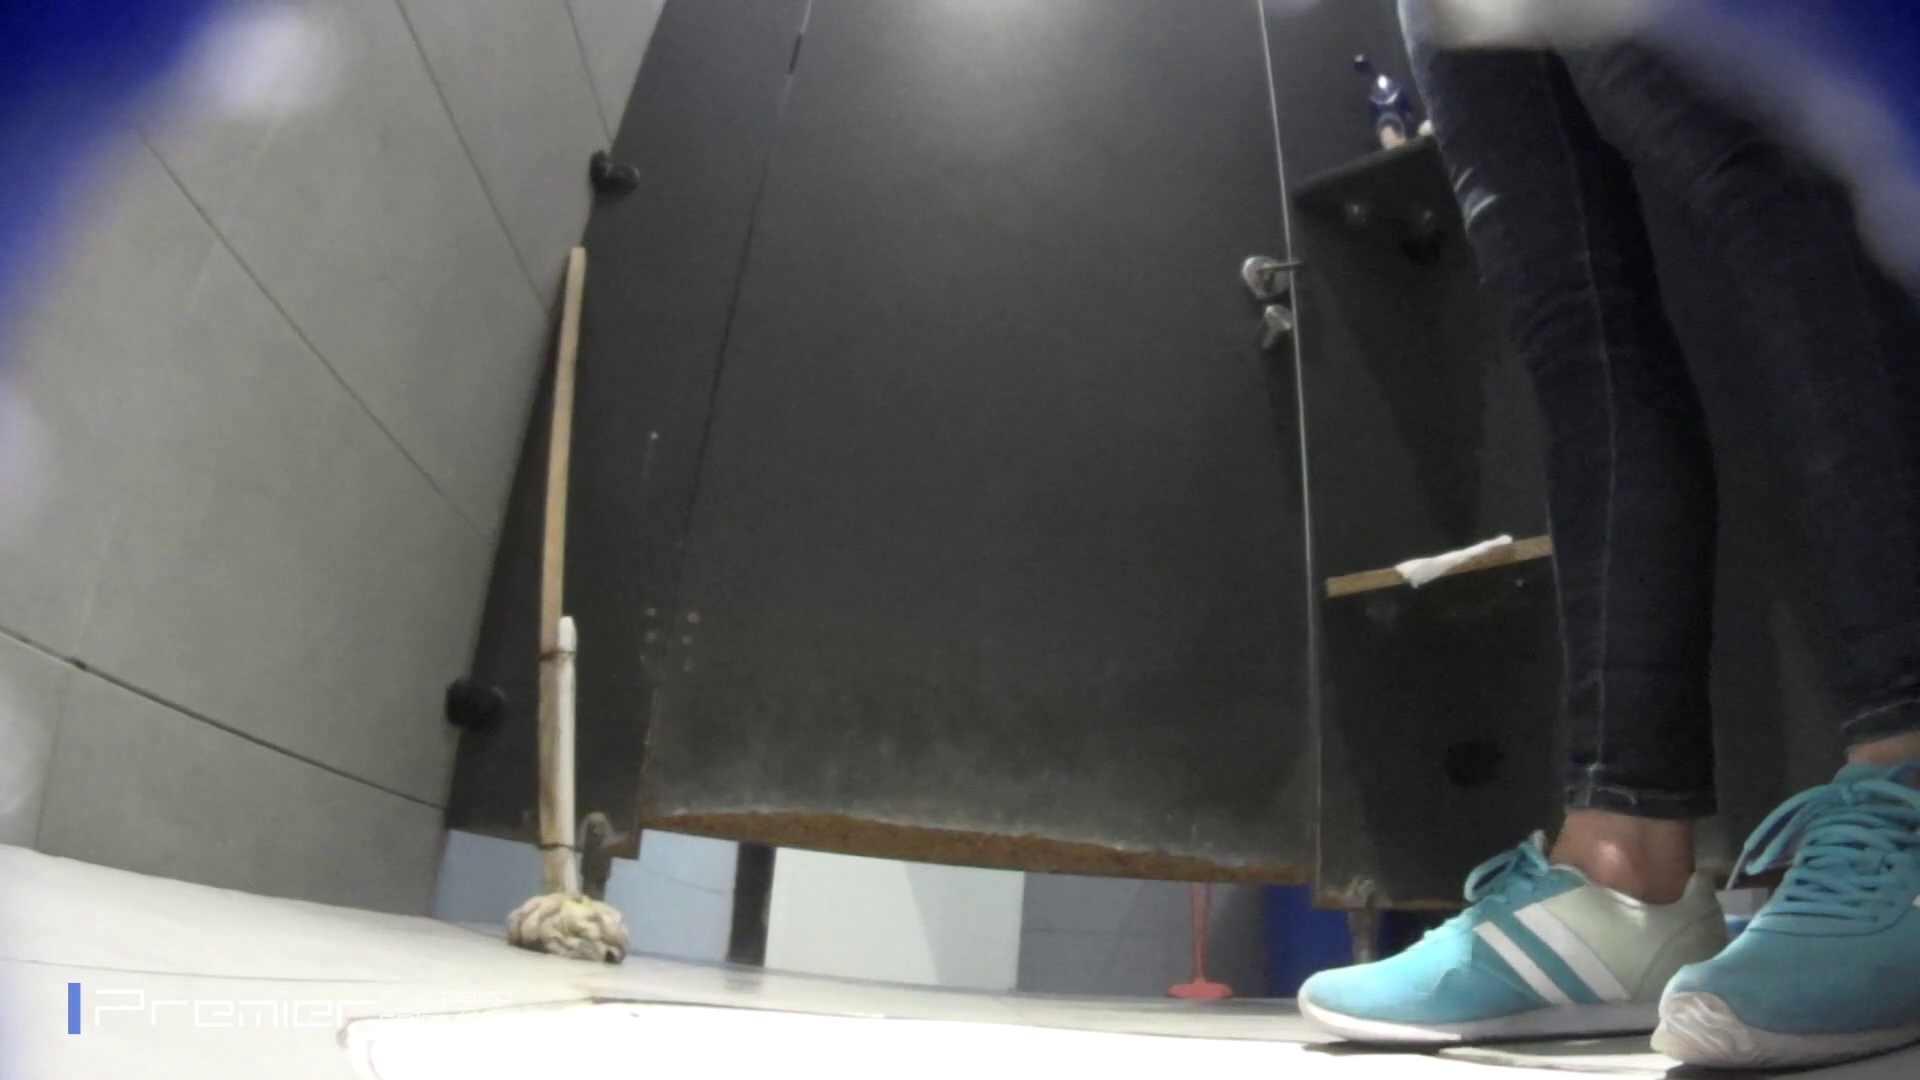 ゆっくりと大に勤しむ乙女 大学休憩時間の洗面所事情84 エッチな乙女 のぞき動画画像 81枚 19